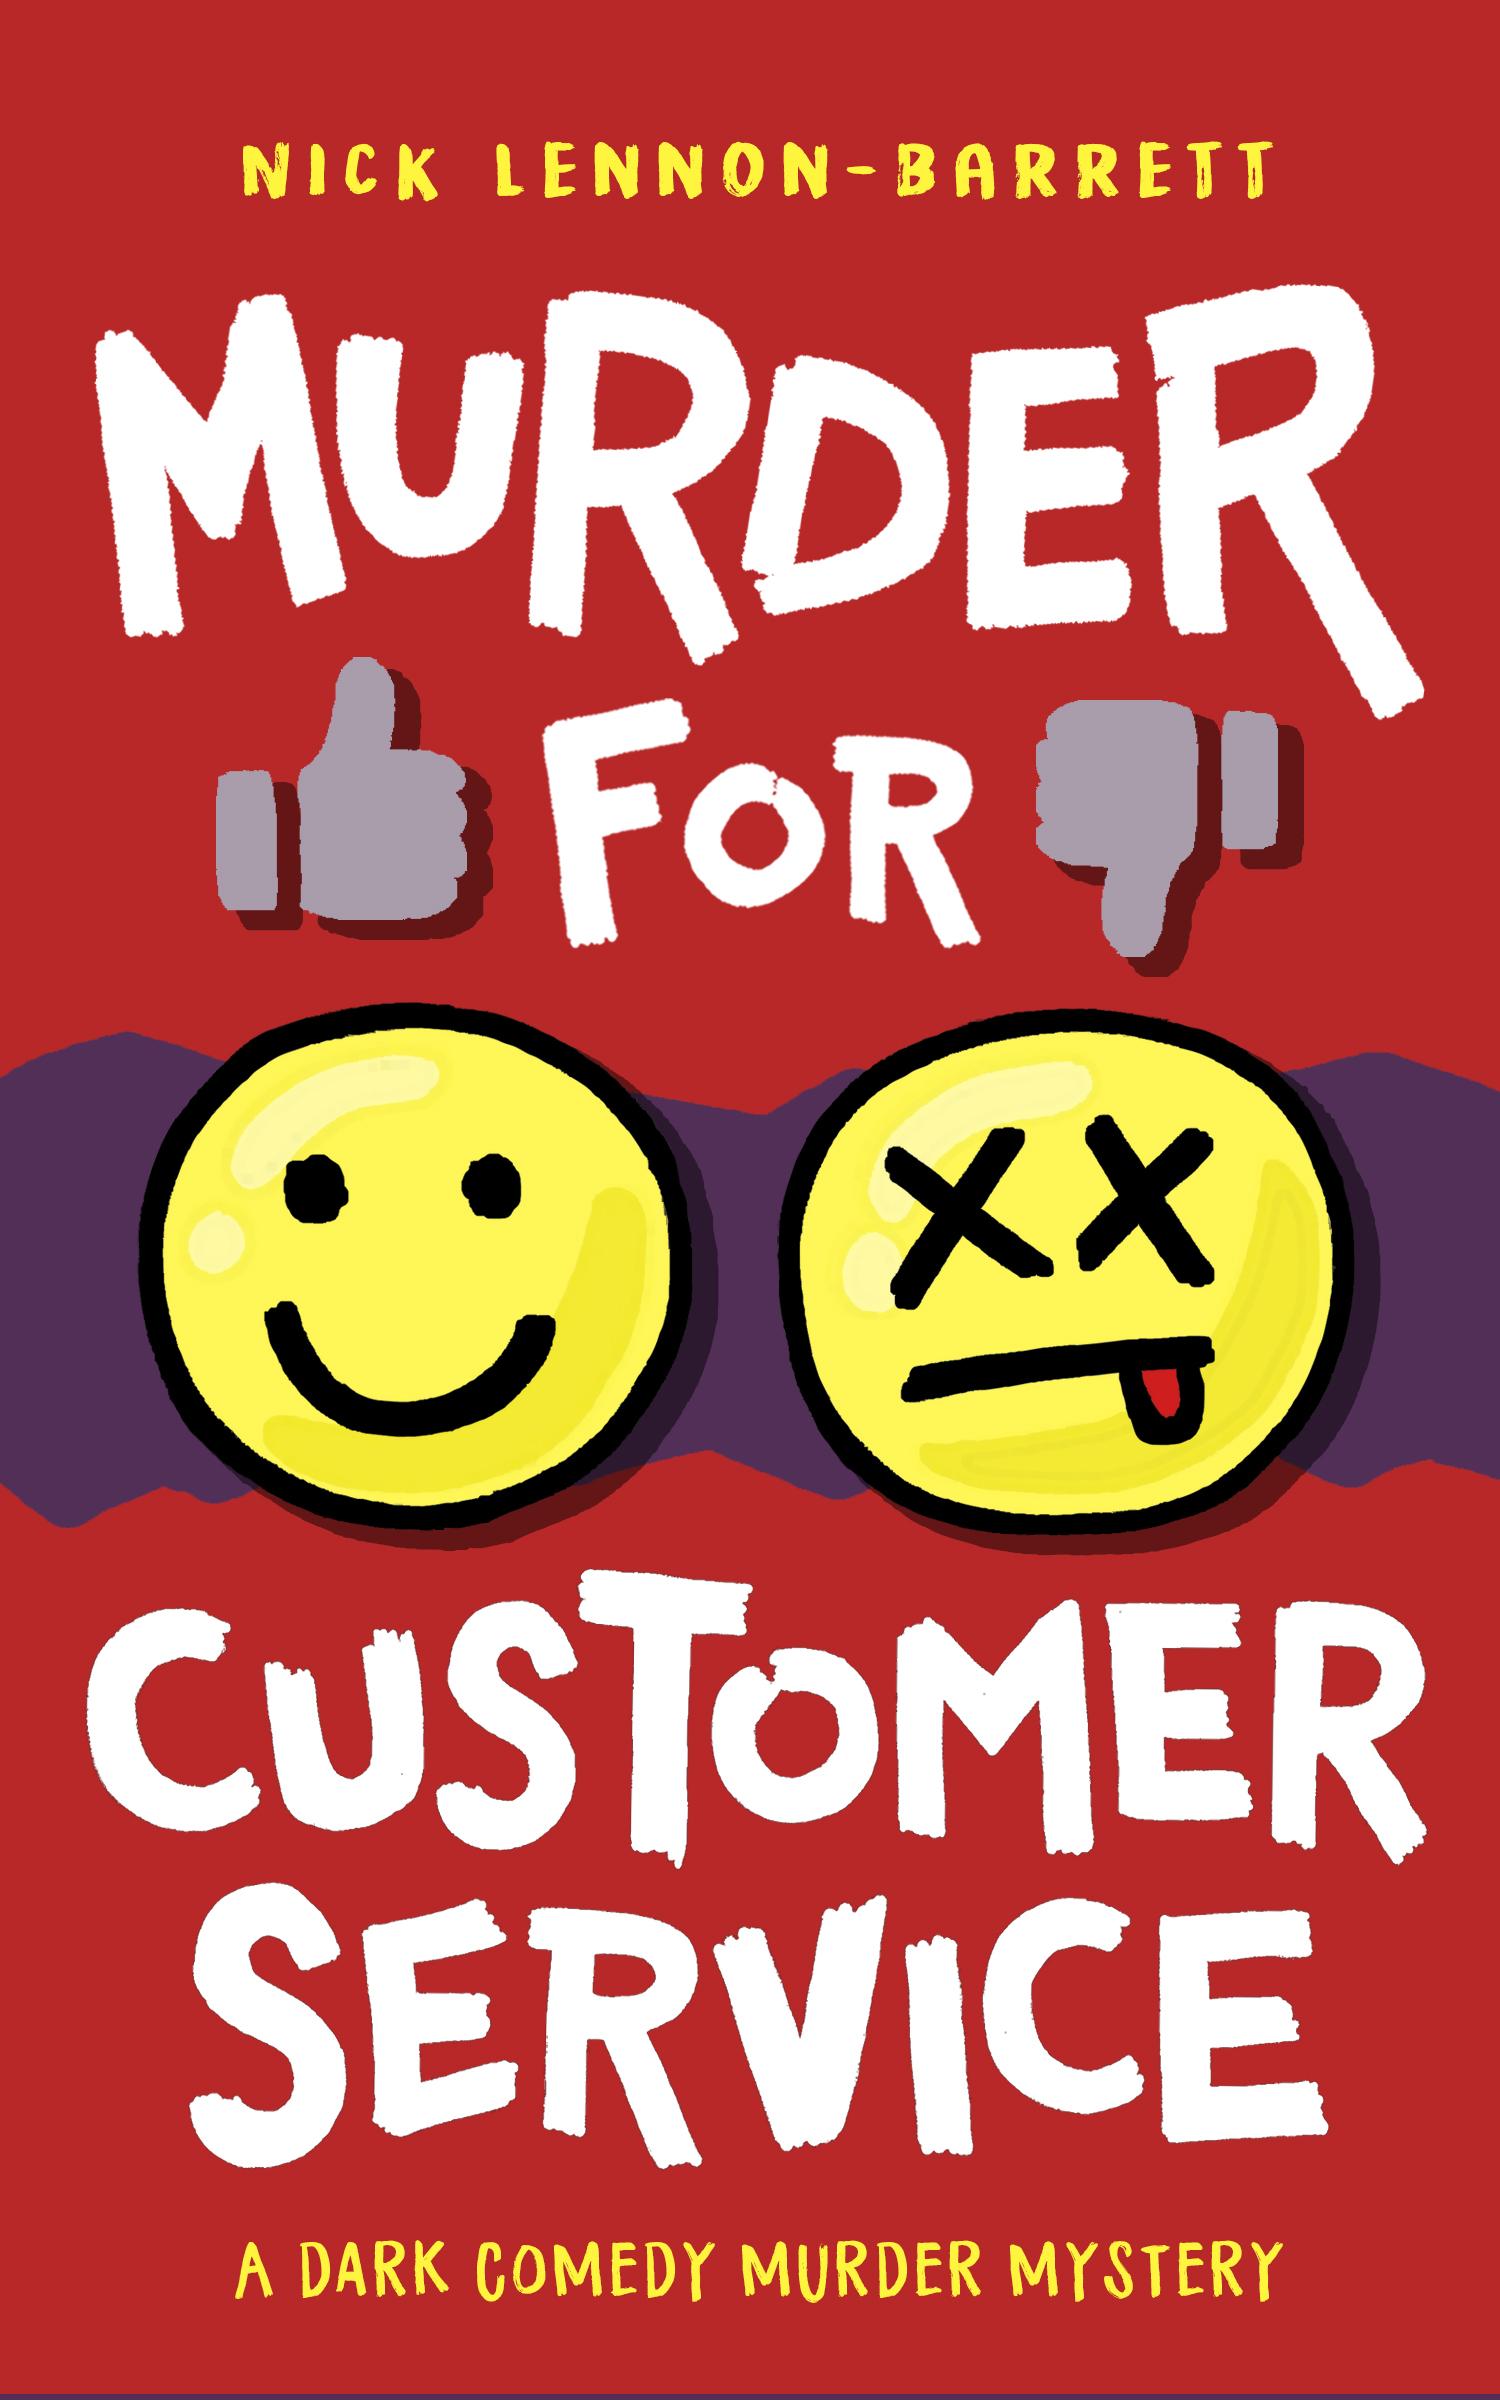 Lennon-Barrett_Murder-For-Customer-Service_Final_JPEG.jpg